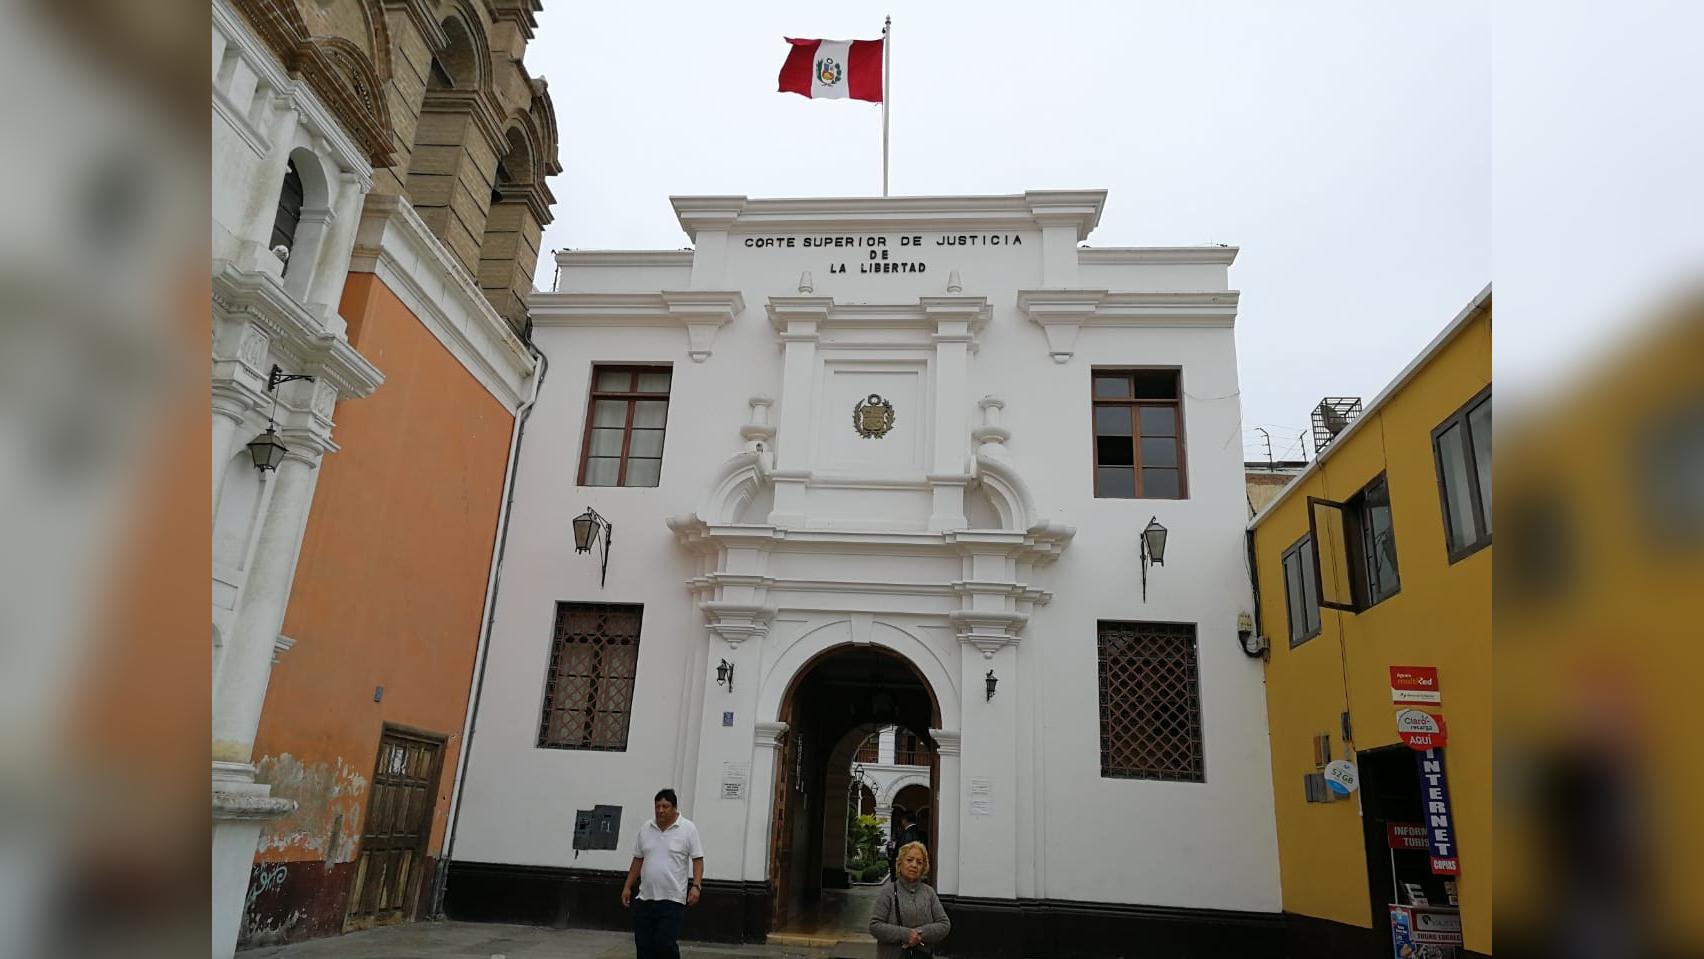 Comisión presidida por el juez José Lecaros fiscalizará a entidad judicial hoy y mañana.